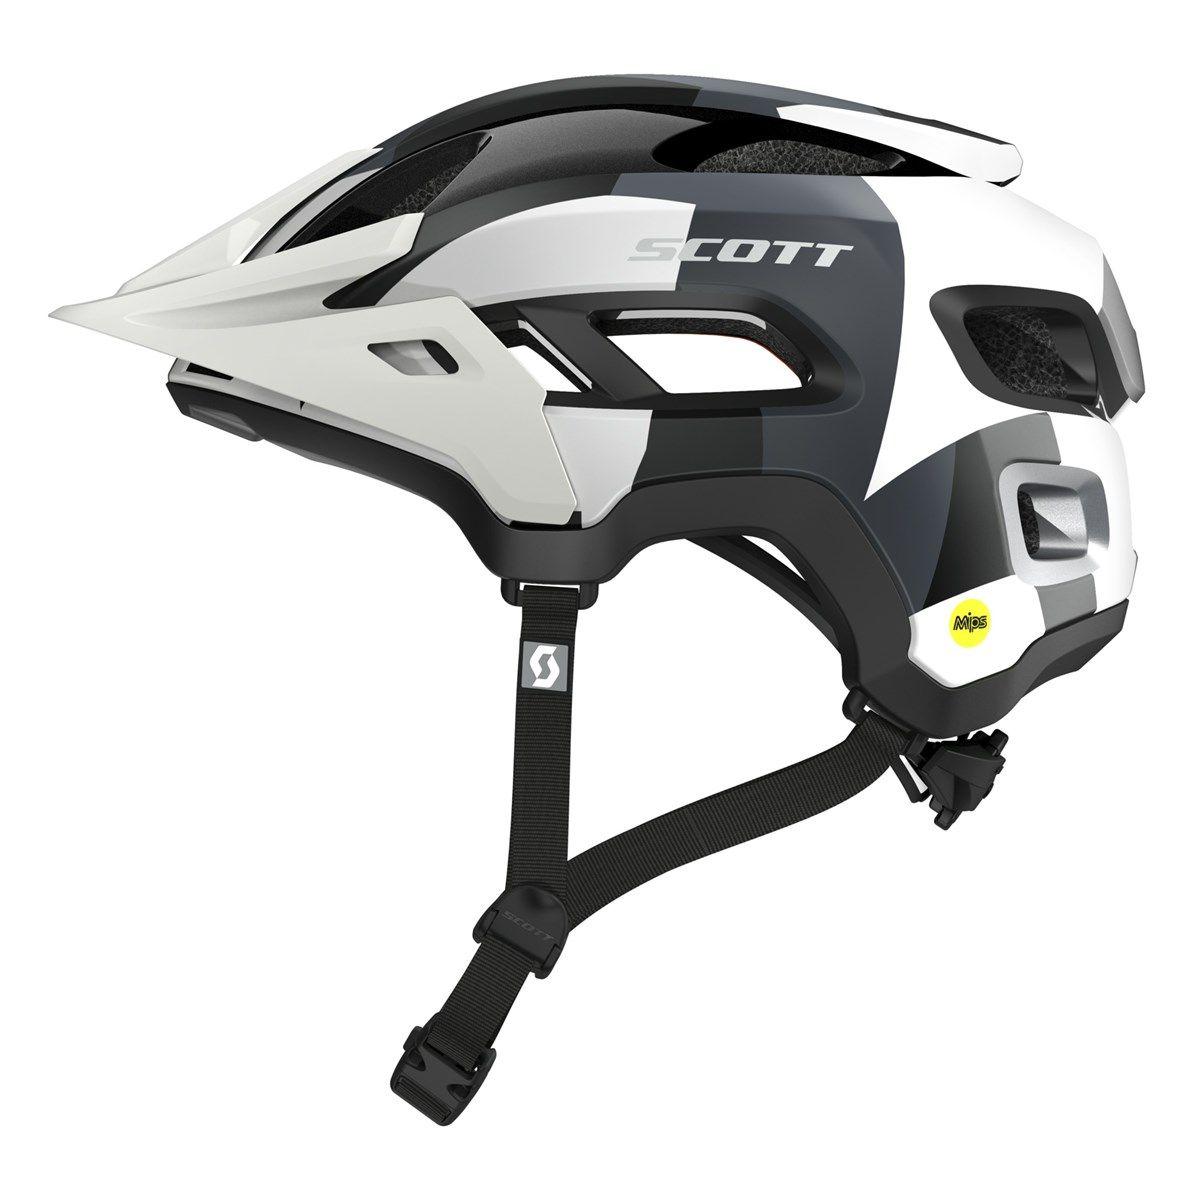 2016 Scott Stego Snow Camo All Mountain Mountain Bike Helmet